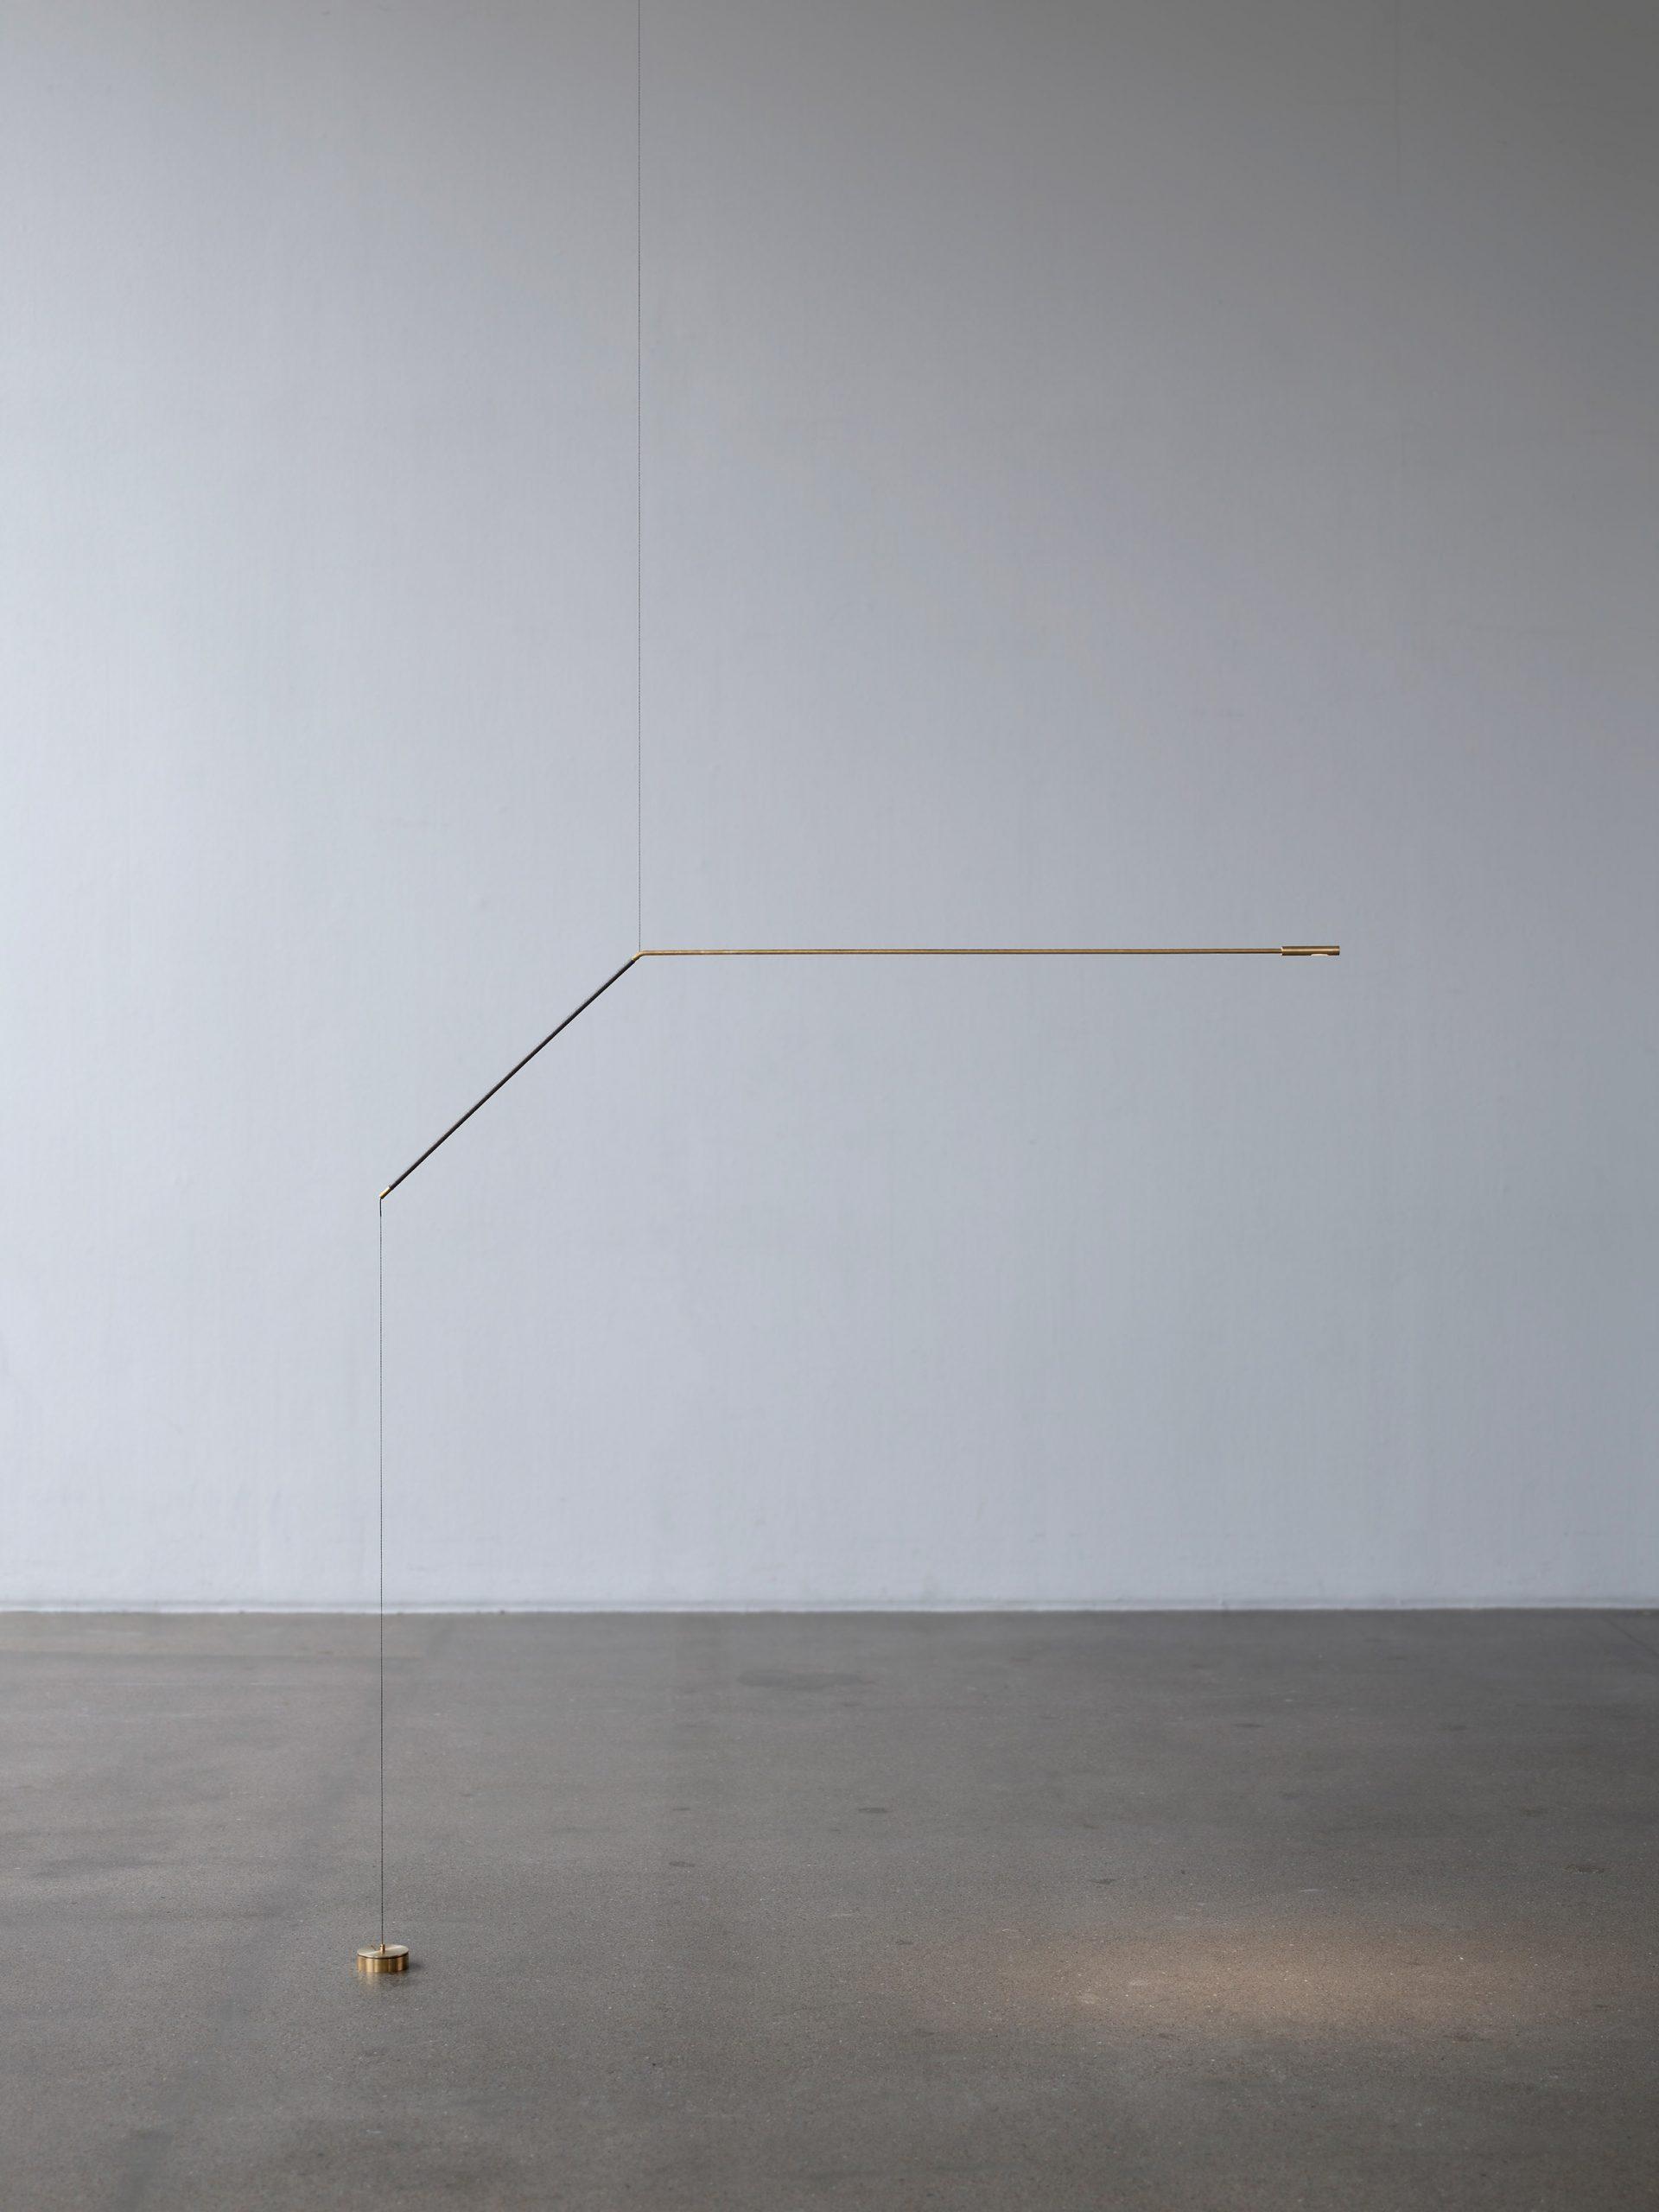 Suspense light by Kasper Kjeldgaard in The Mindcraft Project